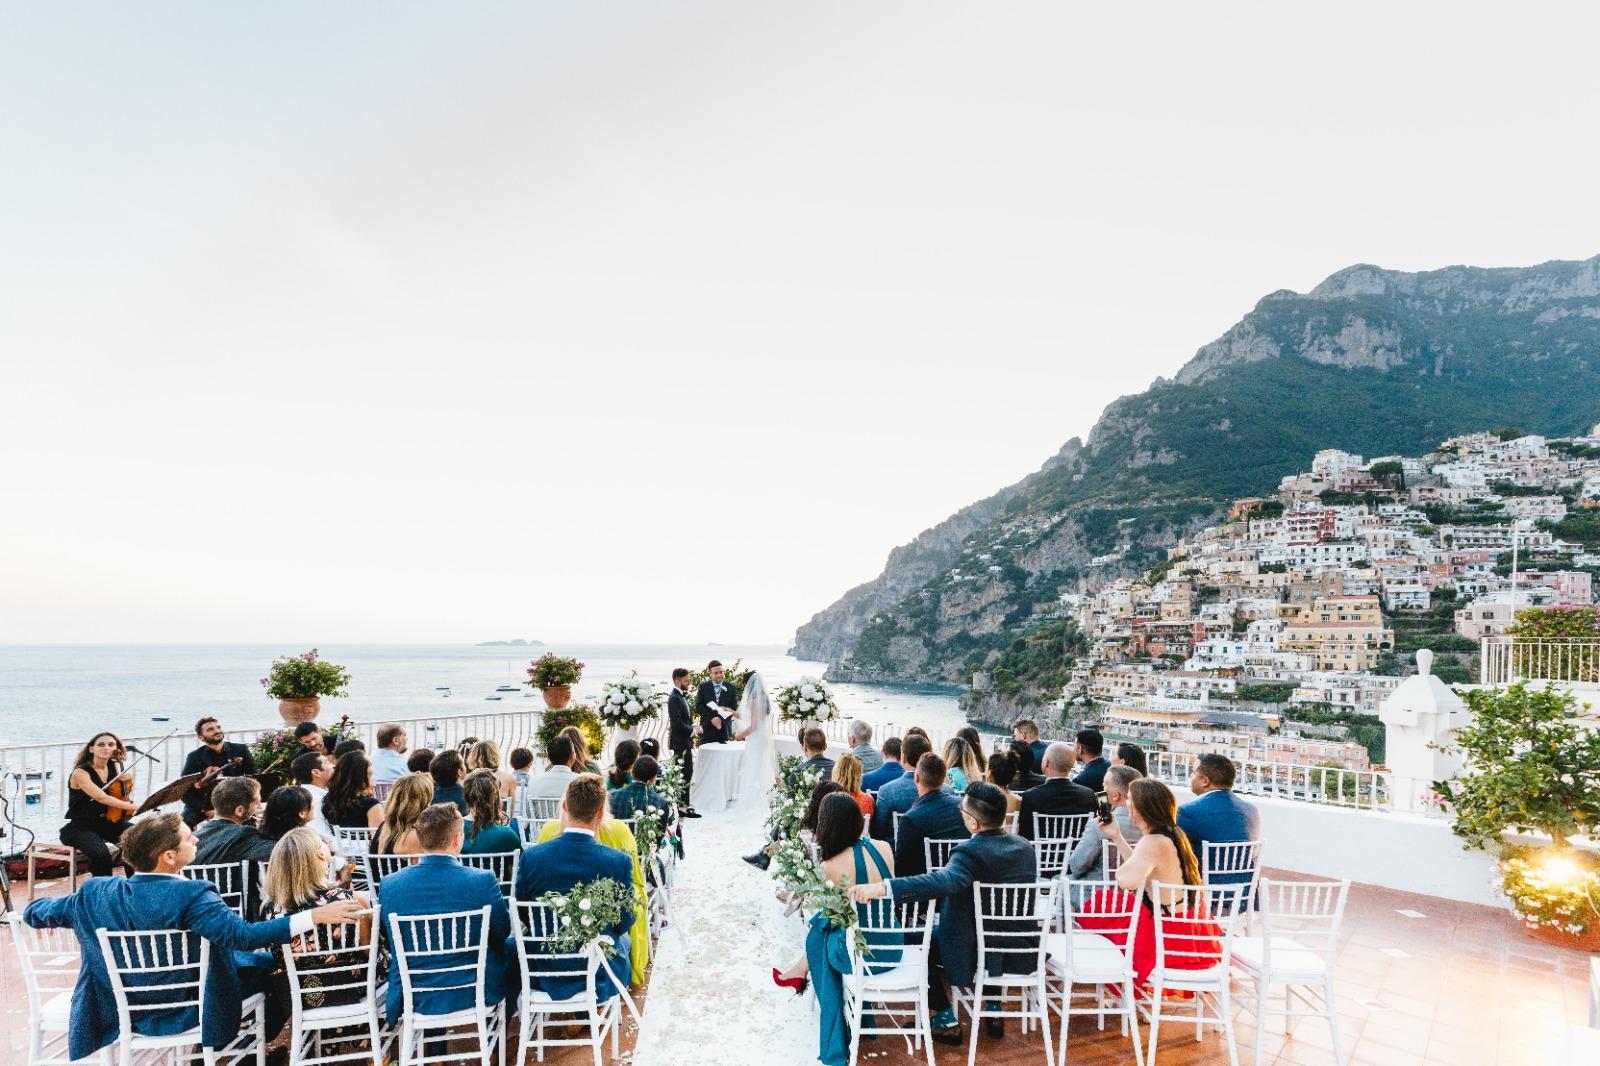 Exclusive wedding in Positano Marincanto Hotel